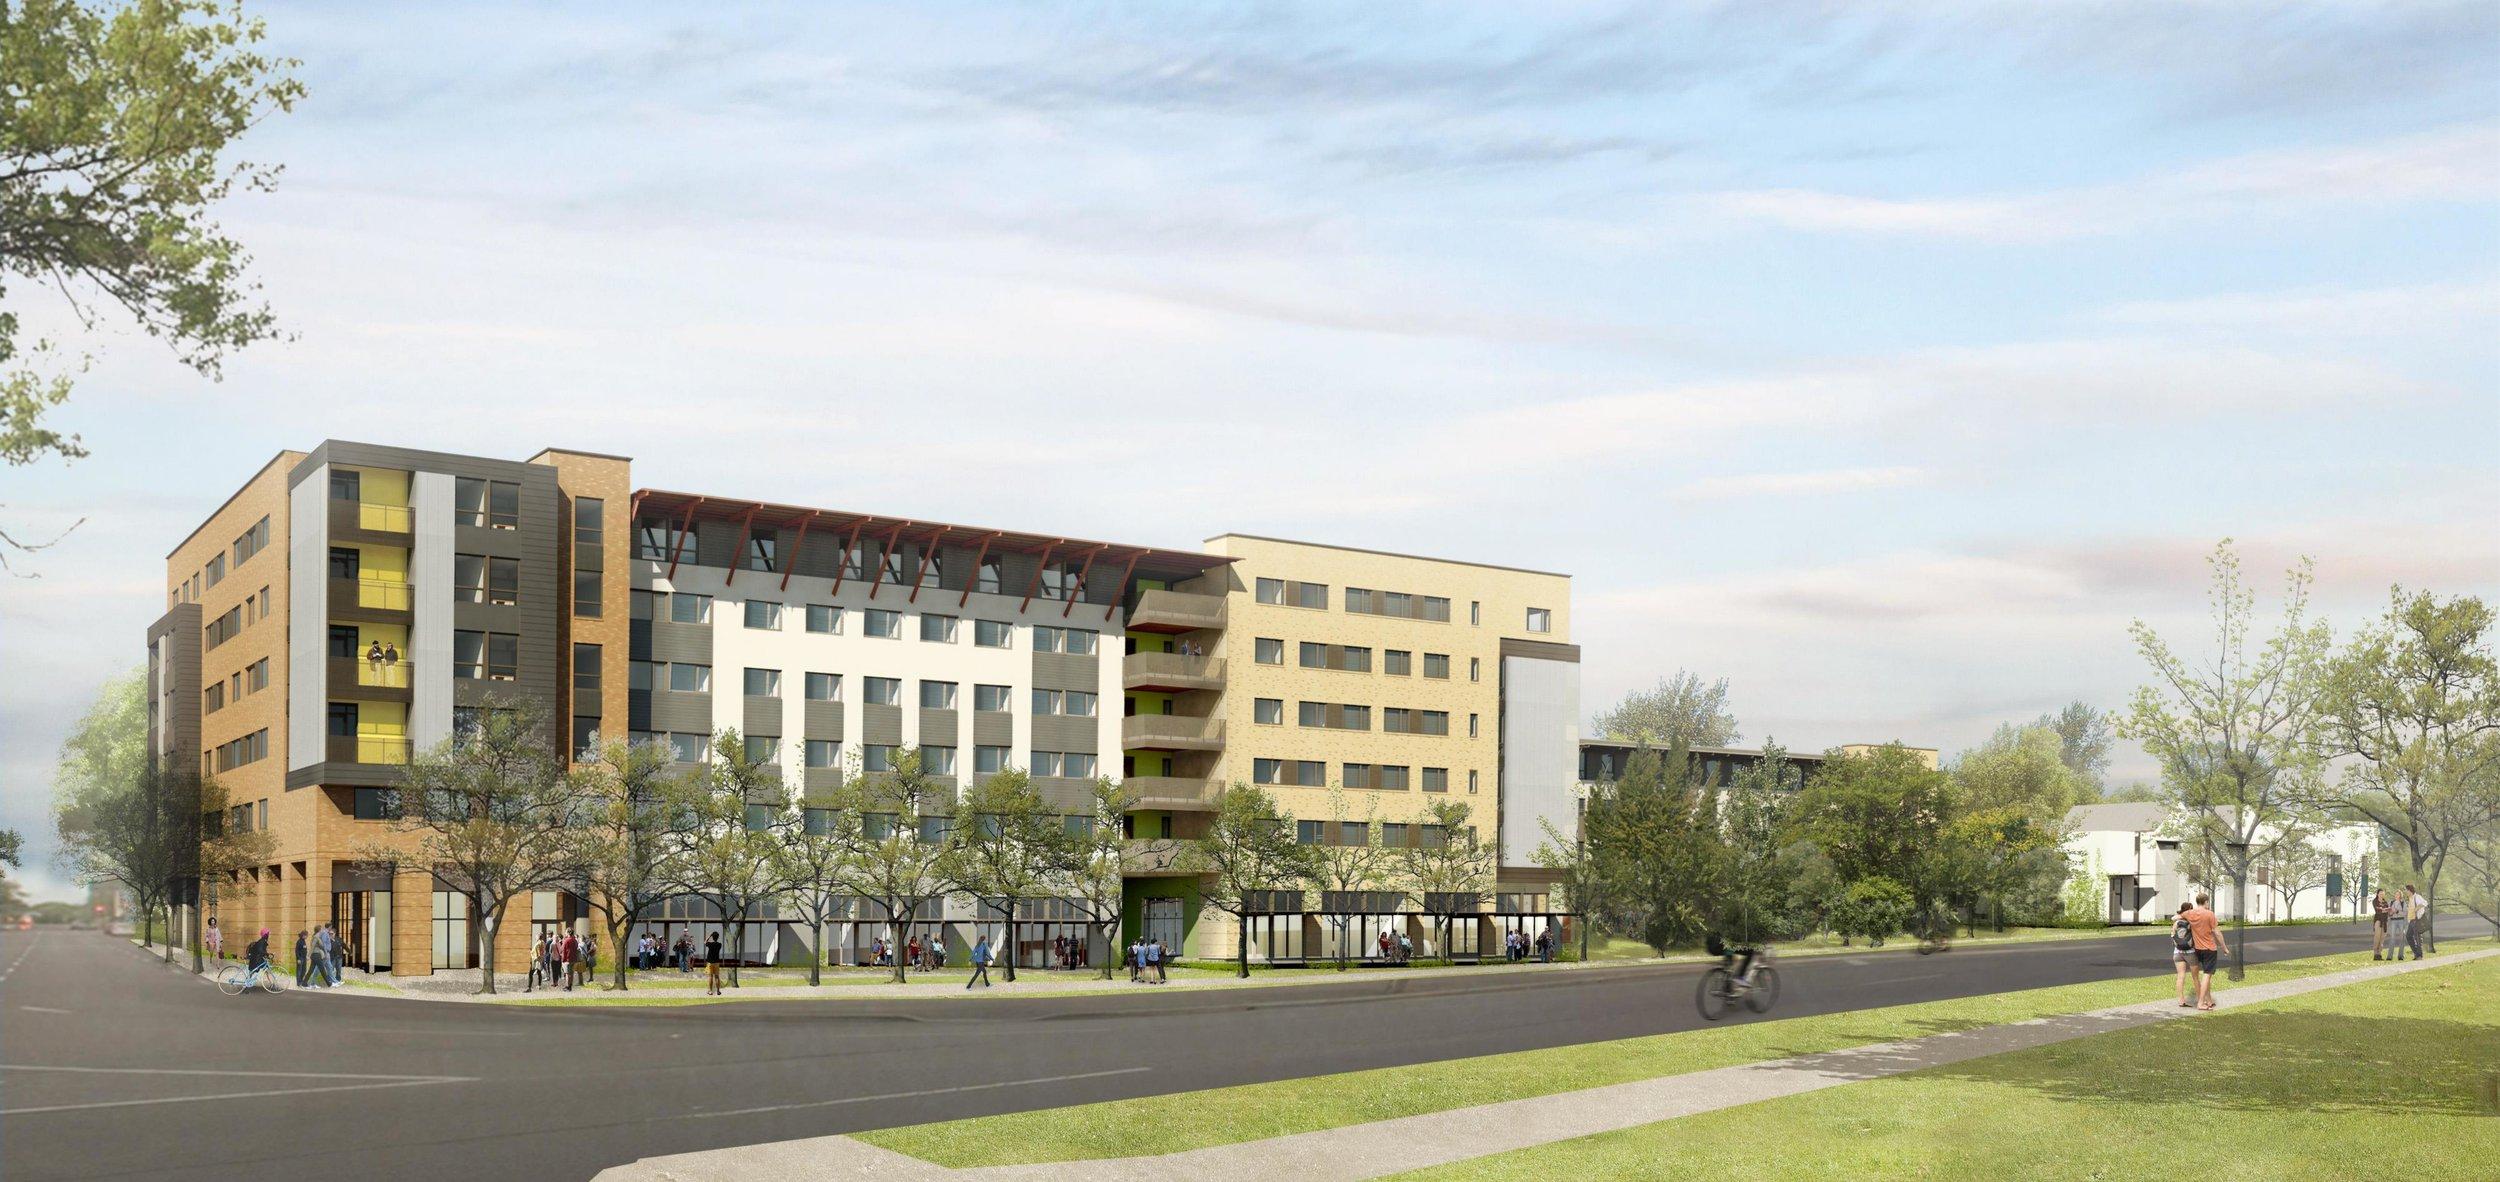 UT Grad Student Housing 3.jpg